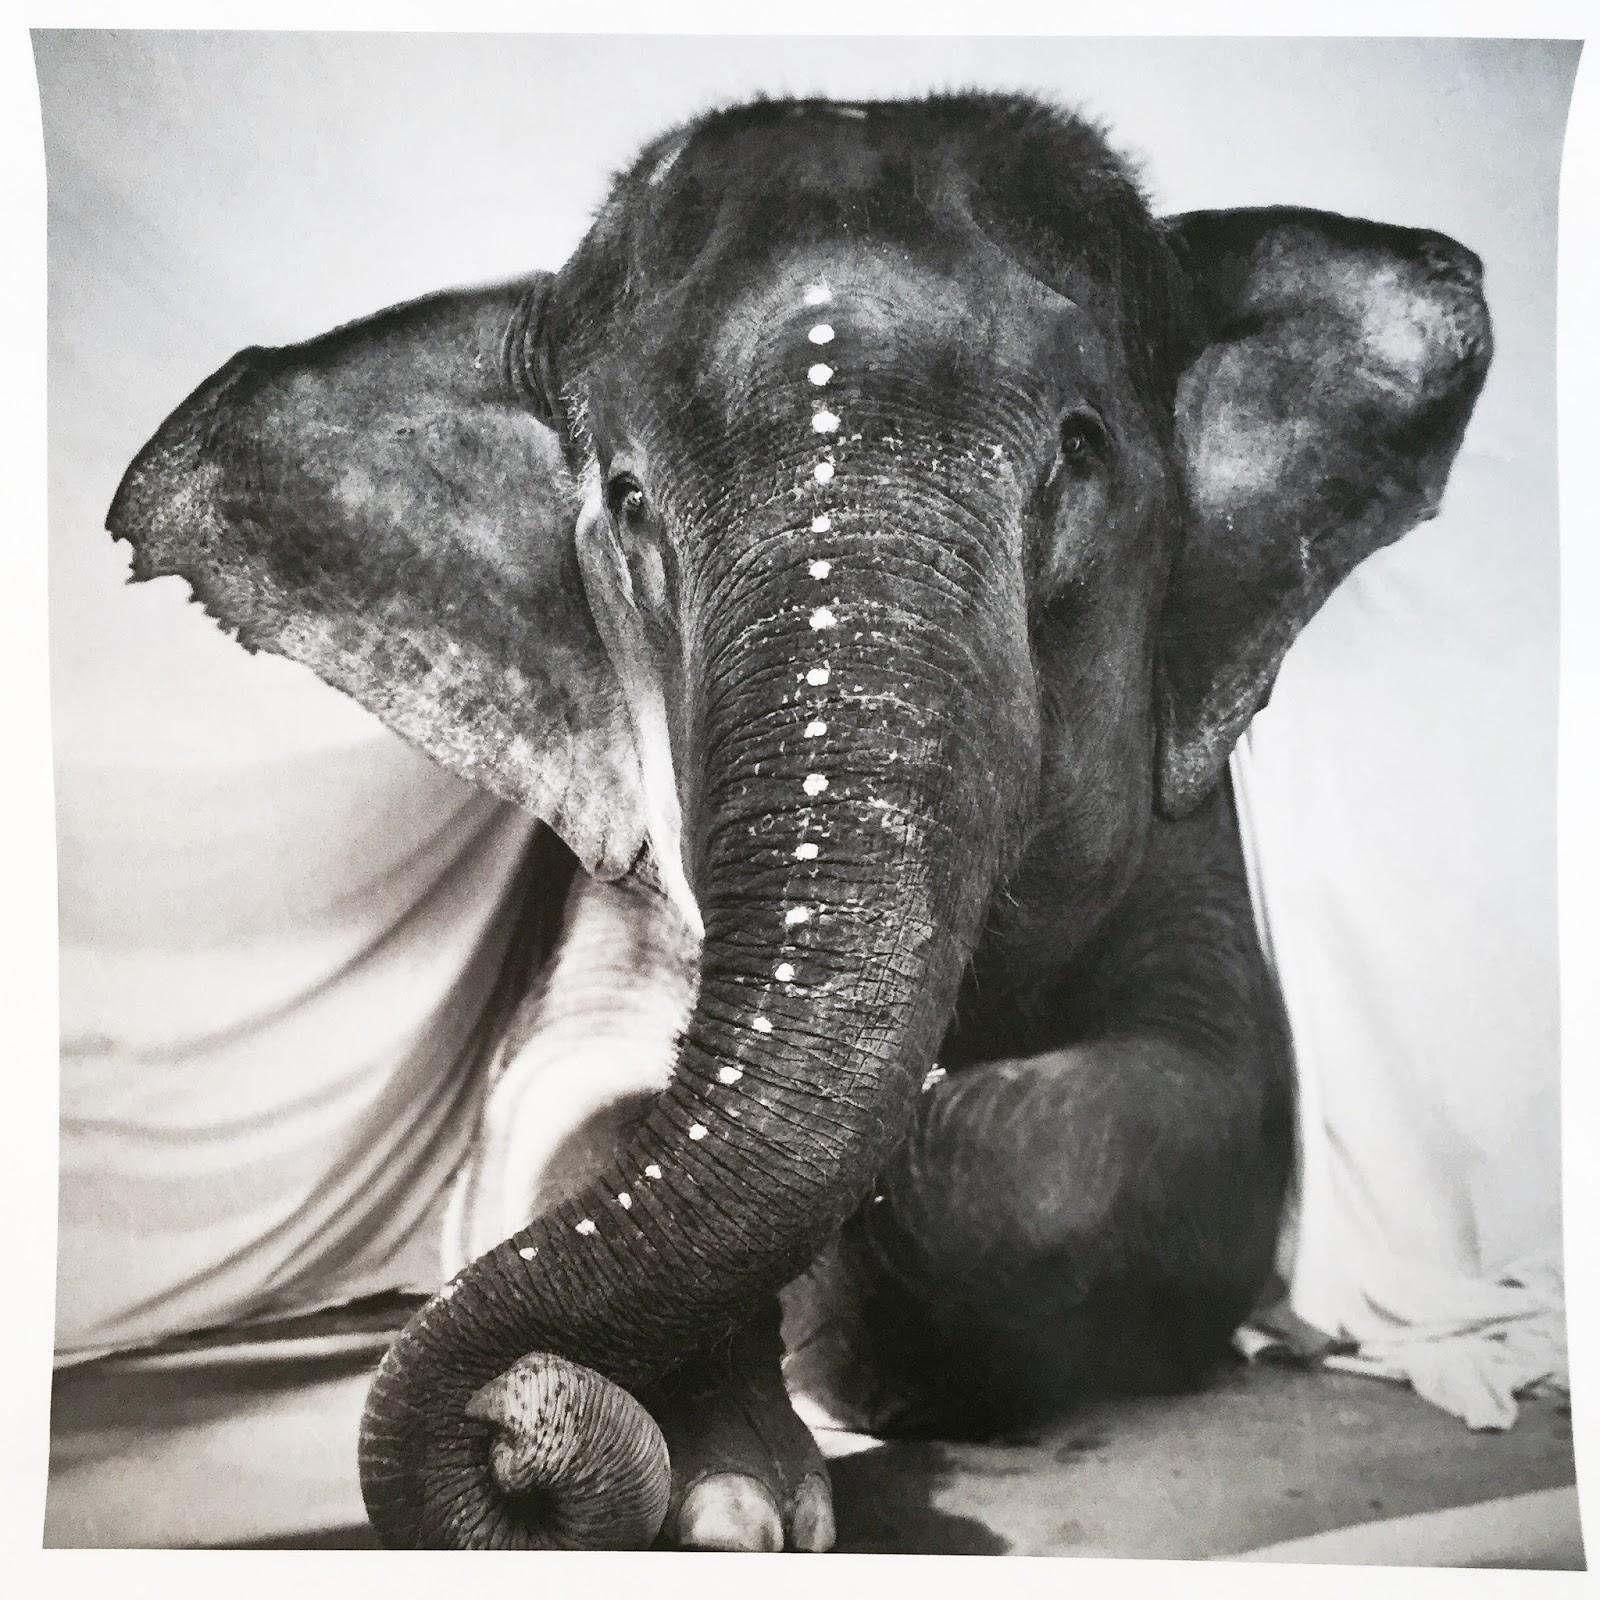 Член слона фотки 26 фотография